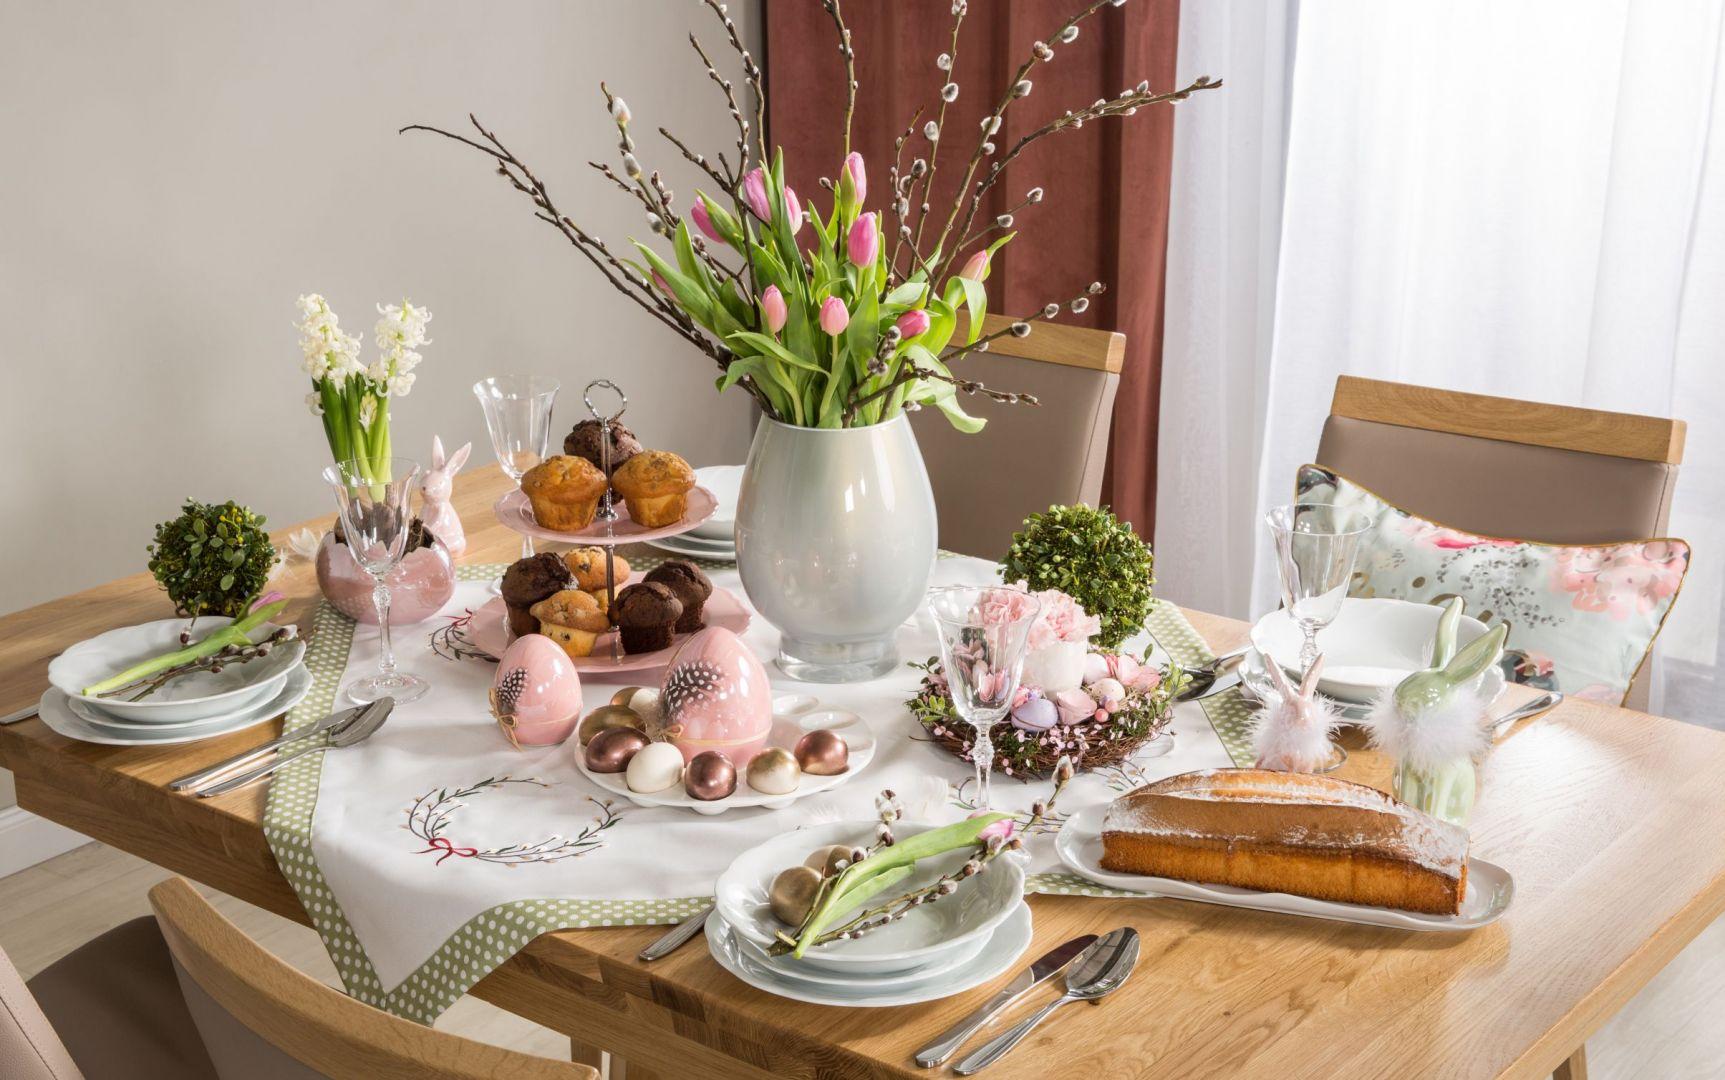 Świetny pomysł na dekorację stołu na Wielkanoc. Fot. Salony Agata